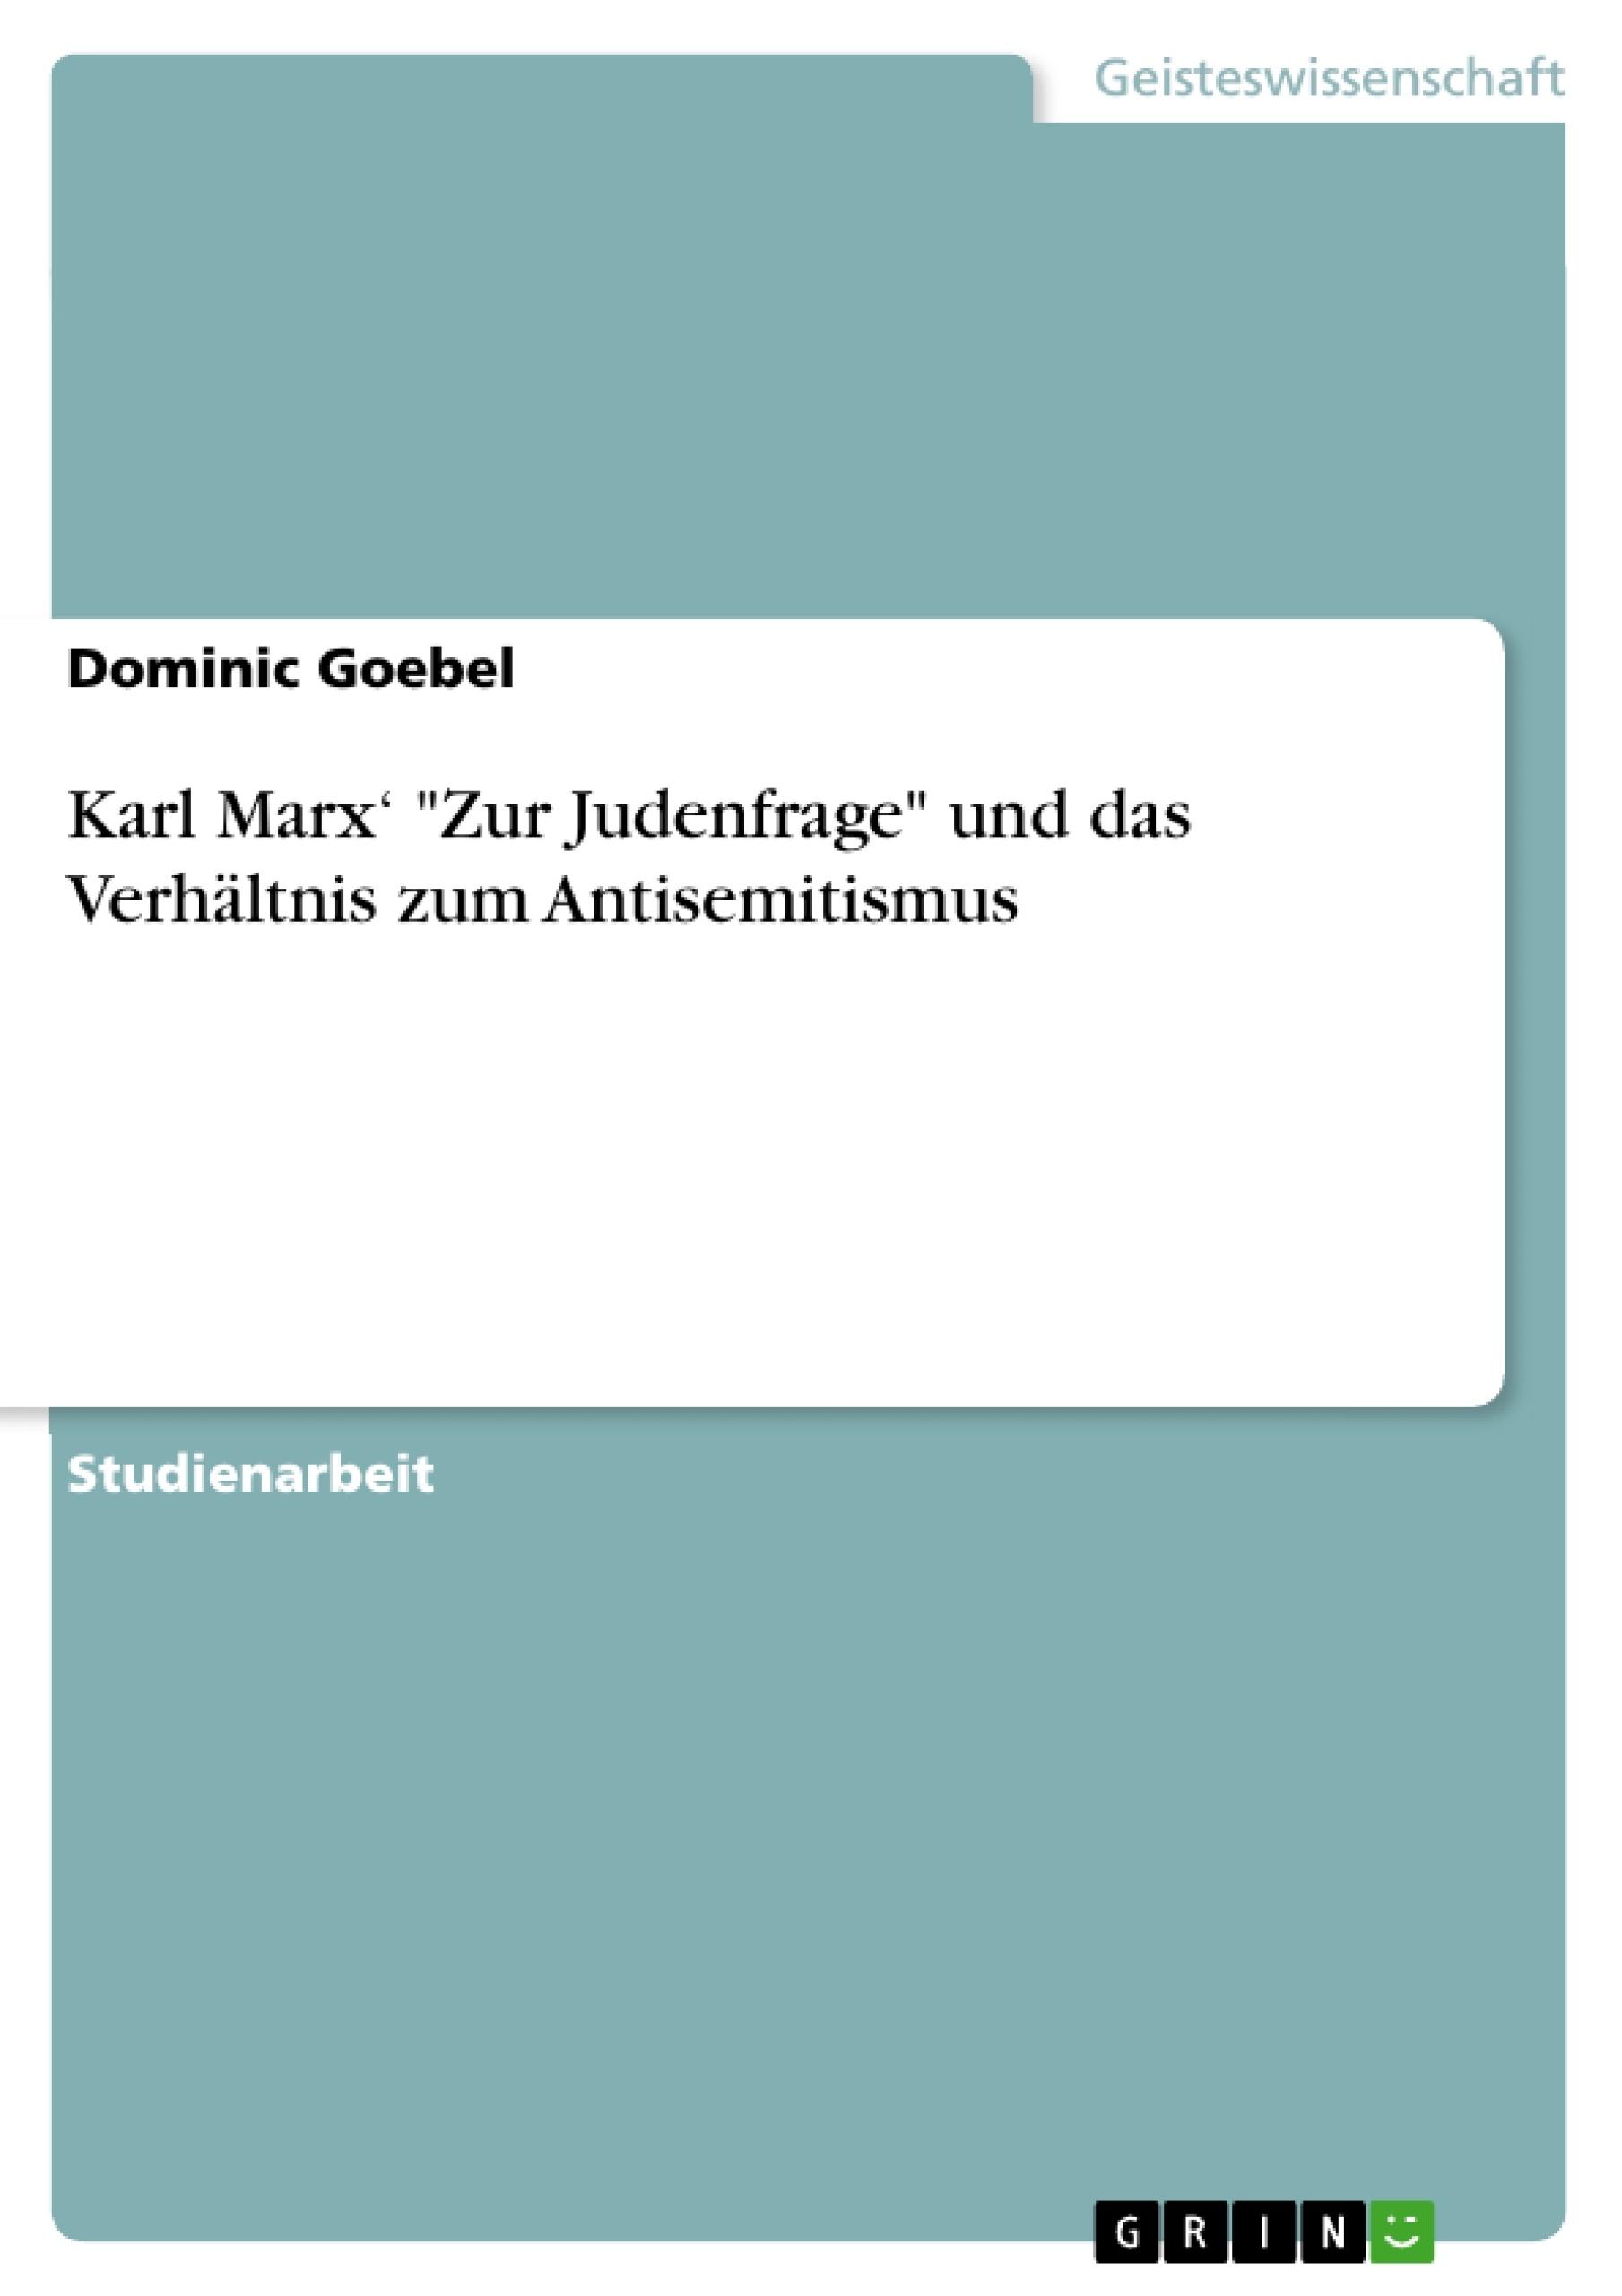 """Titel: Karl Marx' """"Zur Judenfrage"""" und das Verhältnis zum Antisemitismus"""